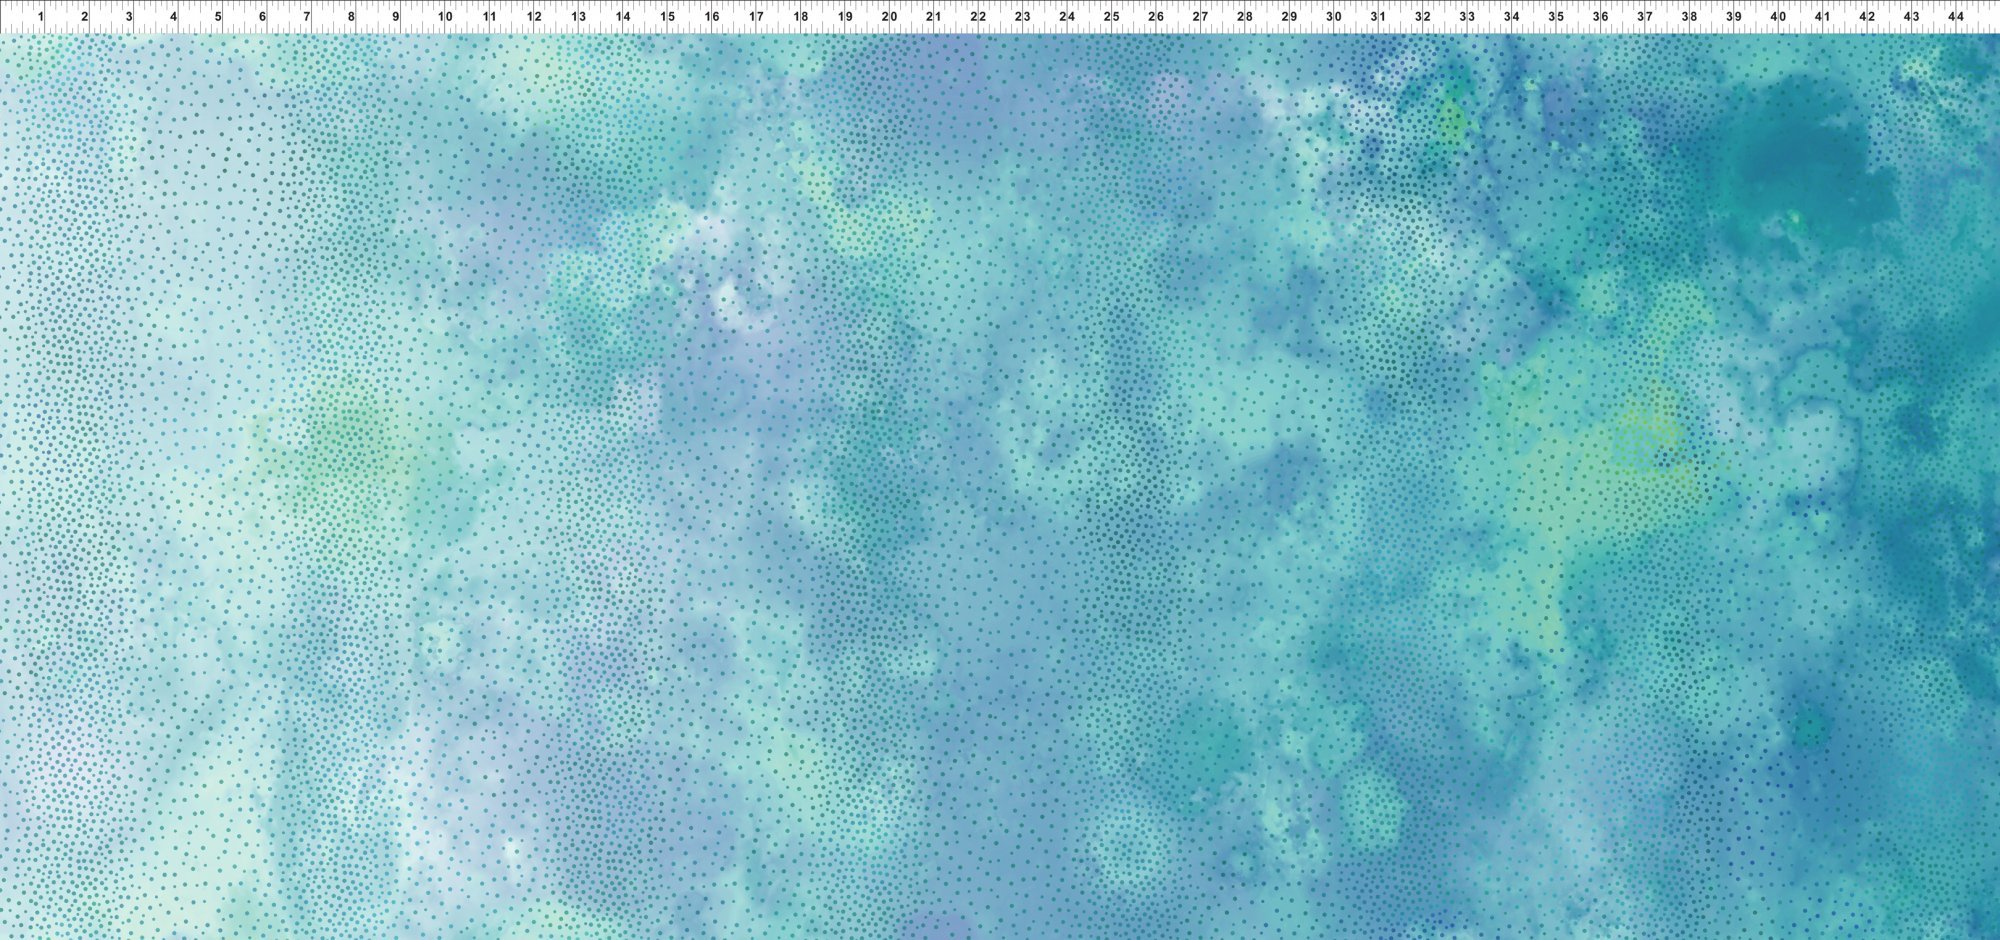 6ENC-2 Teal Mist Ombre Diaphanous